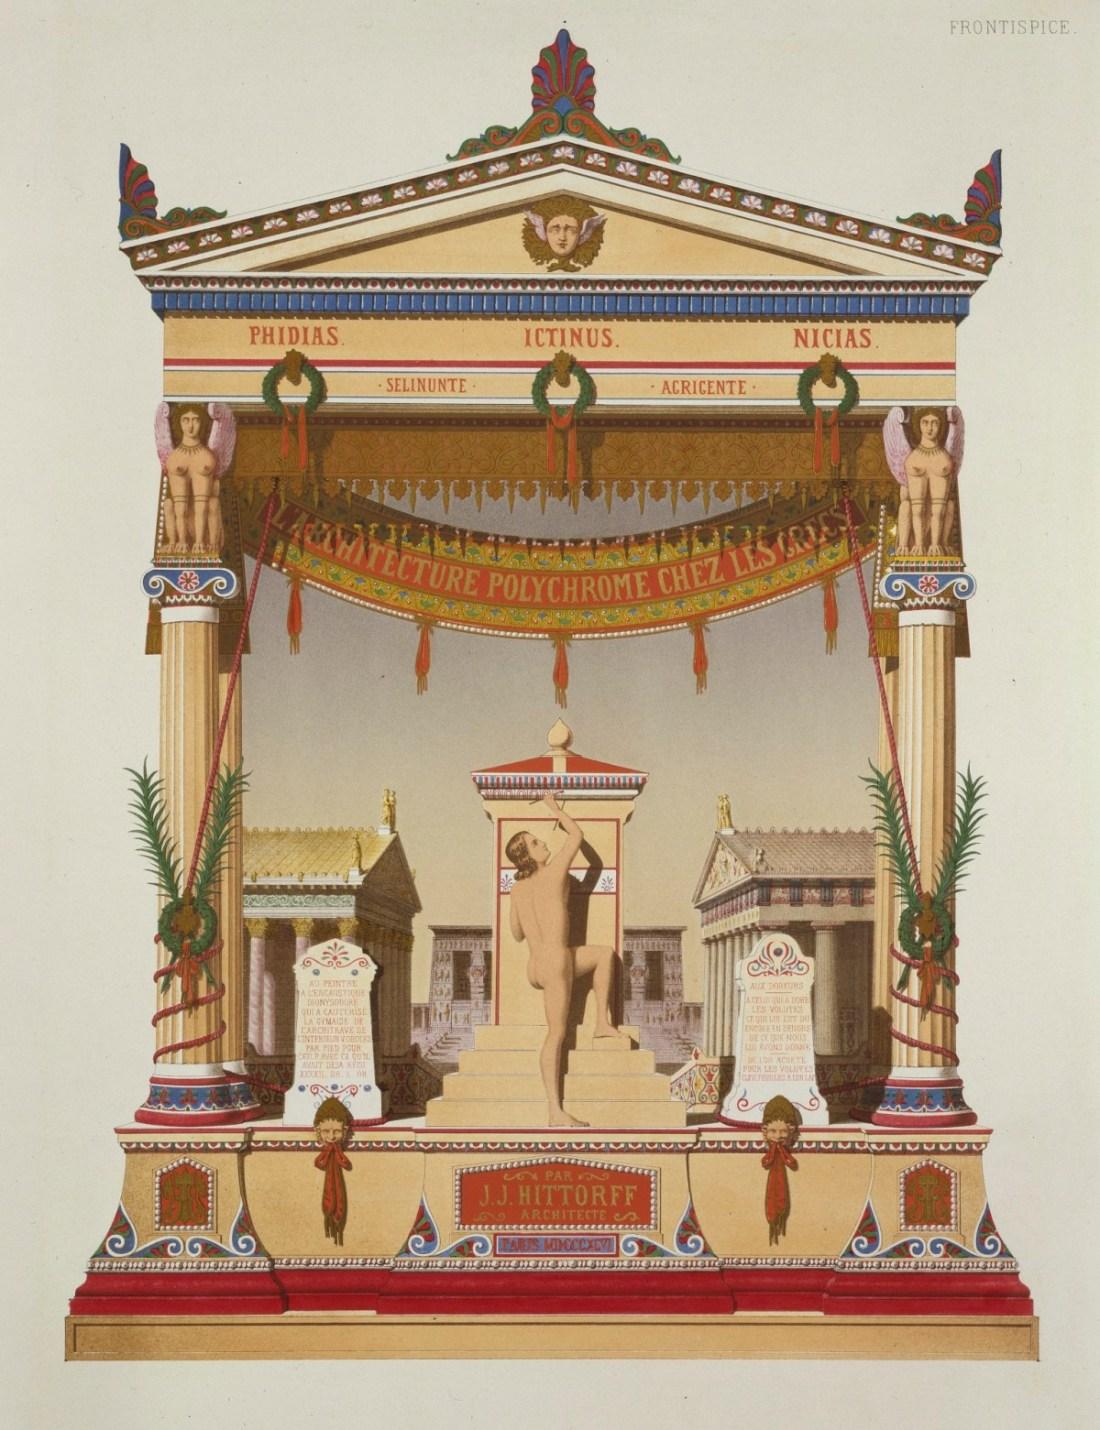 L'Architecture Polychrome chez les Grecs.  1846.